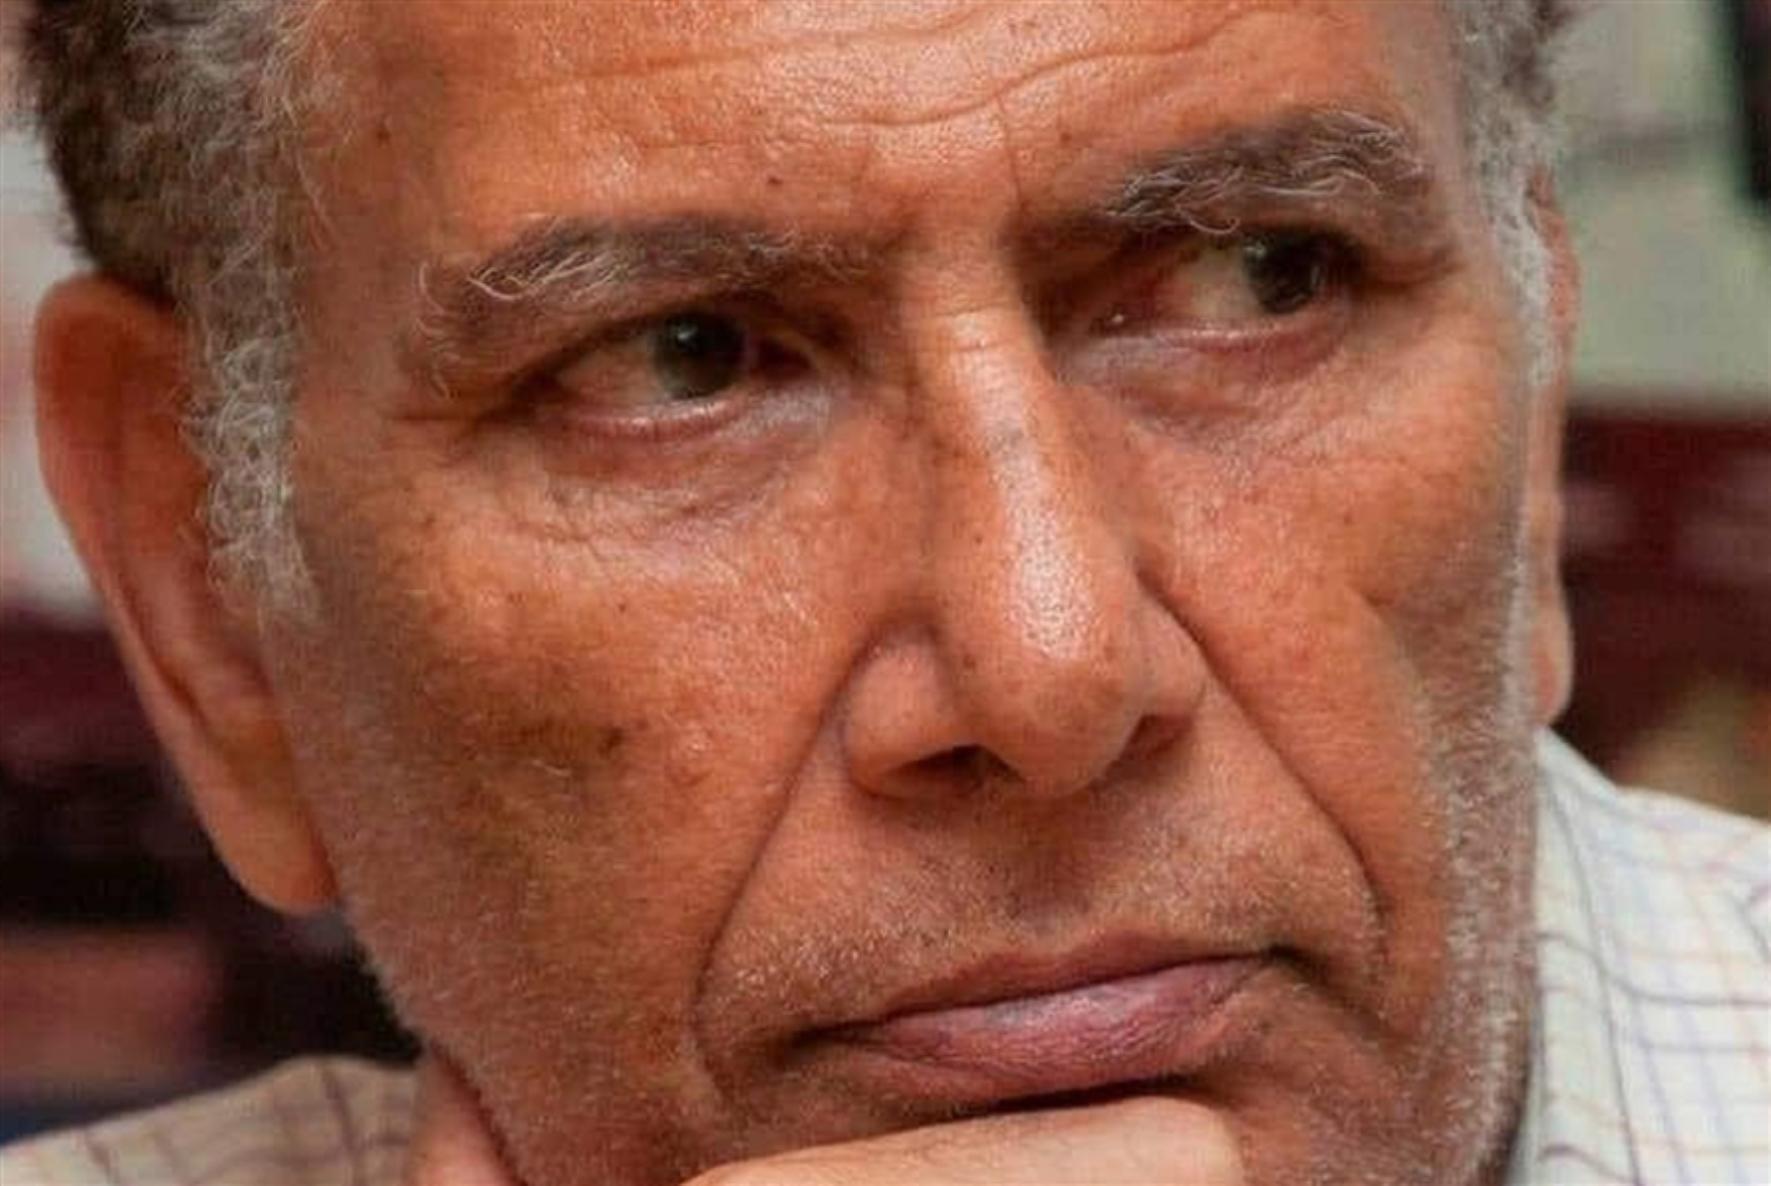 أحد أبرز شعراء جيل السبعينيّات في مصر: رفعت سلام قطف الوردة و...مضى